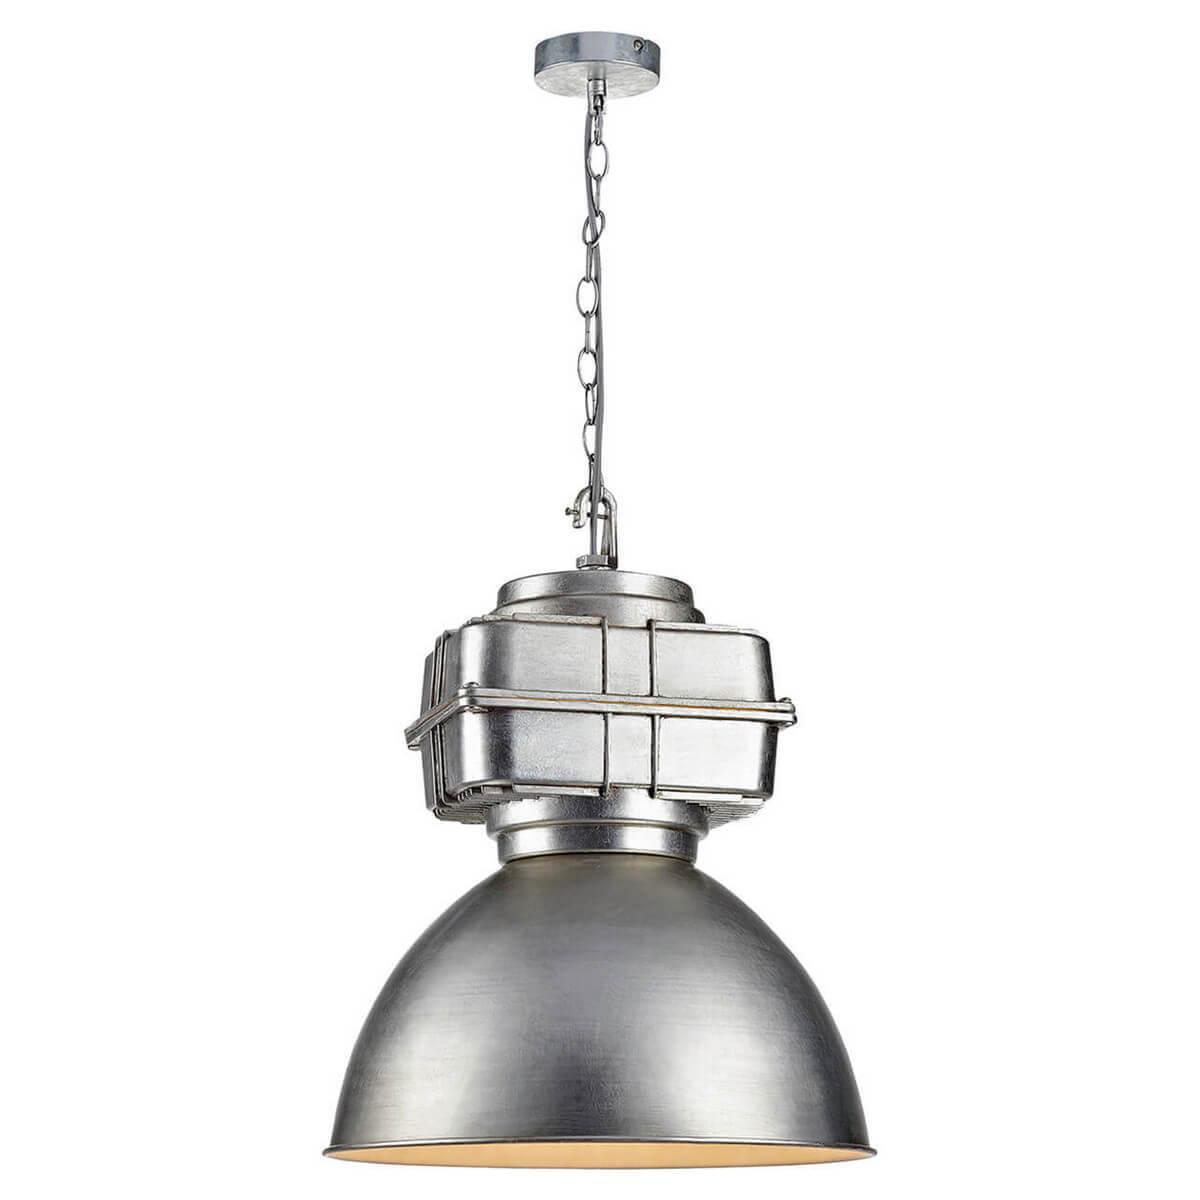 Подвесной светильник Lussole Loft Arta GRLSP-9826 подвесной светильник lussole grlsp 9856 серый